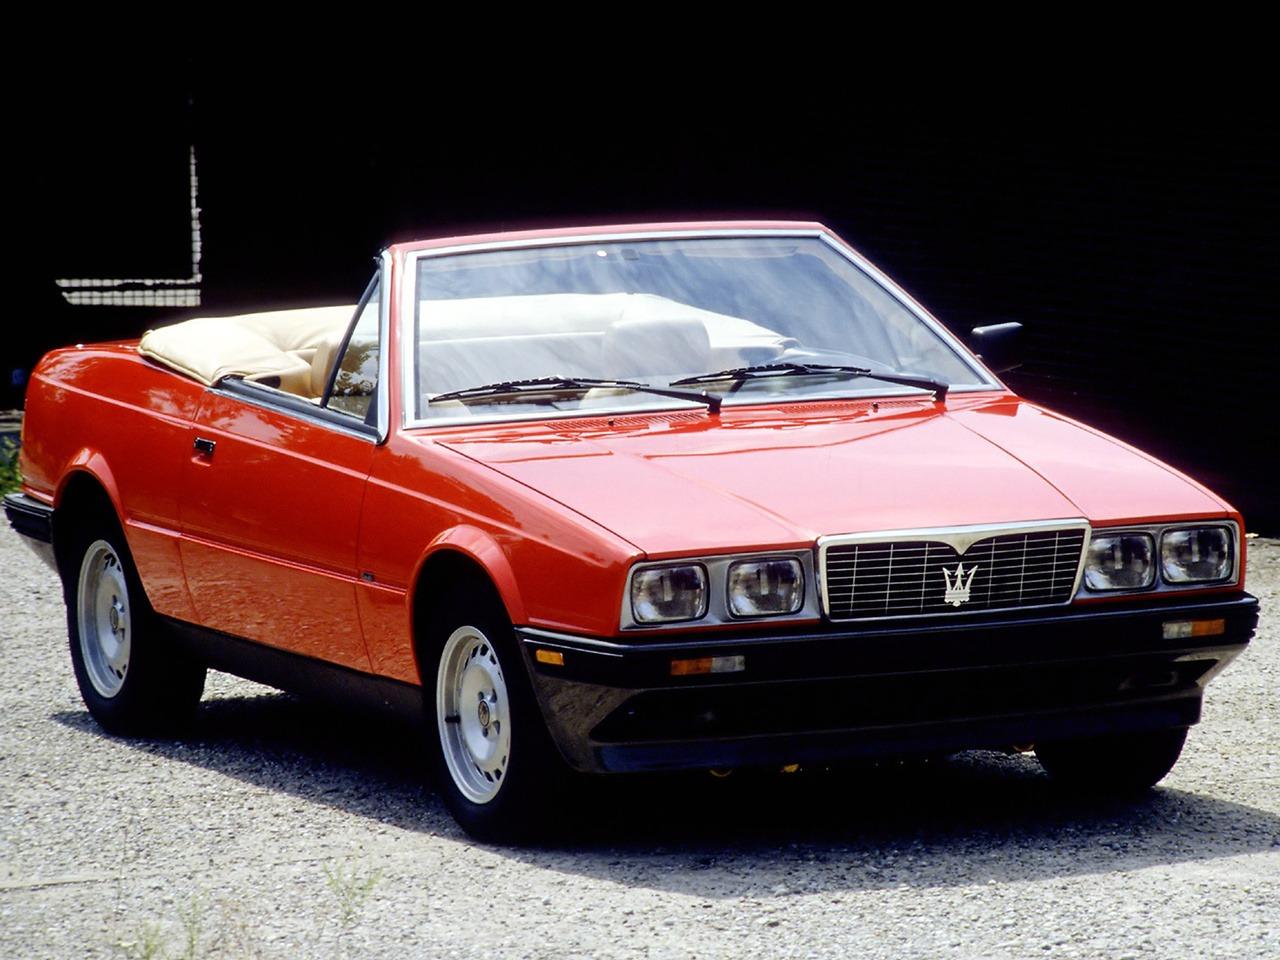 1984-Zagato-Maserati-Biturbo-Spider-04